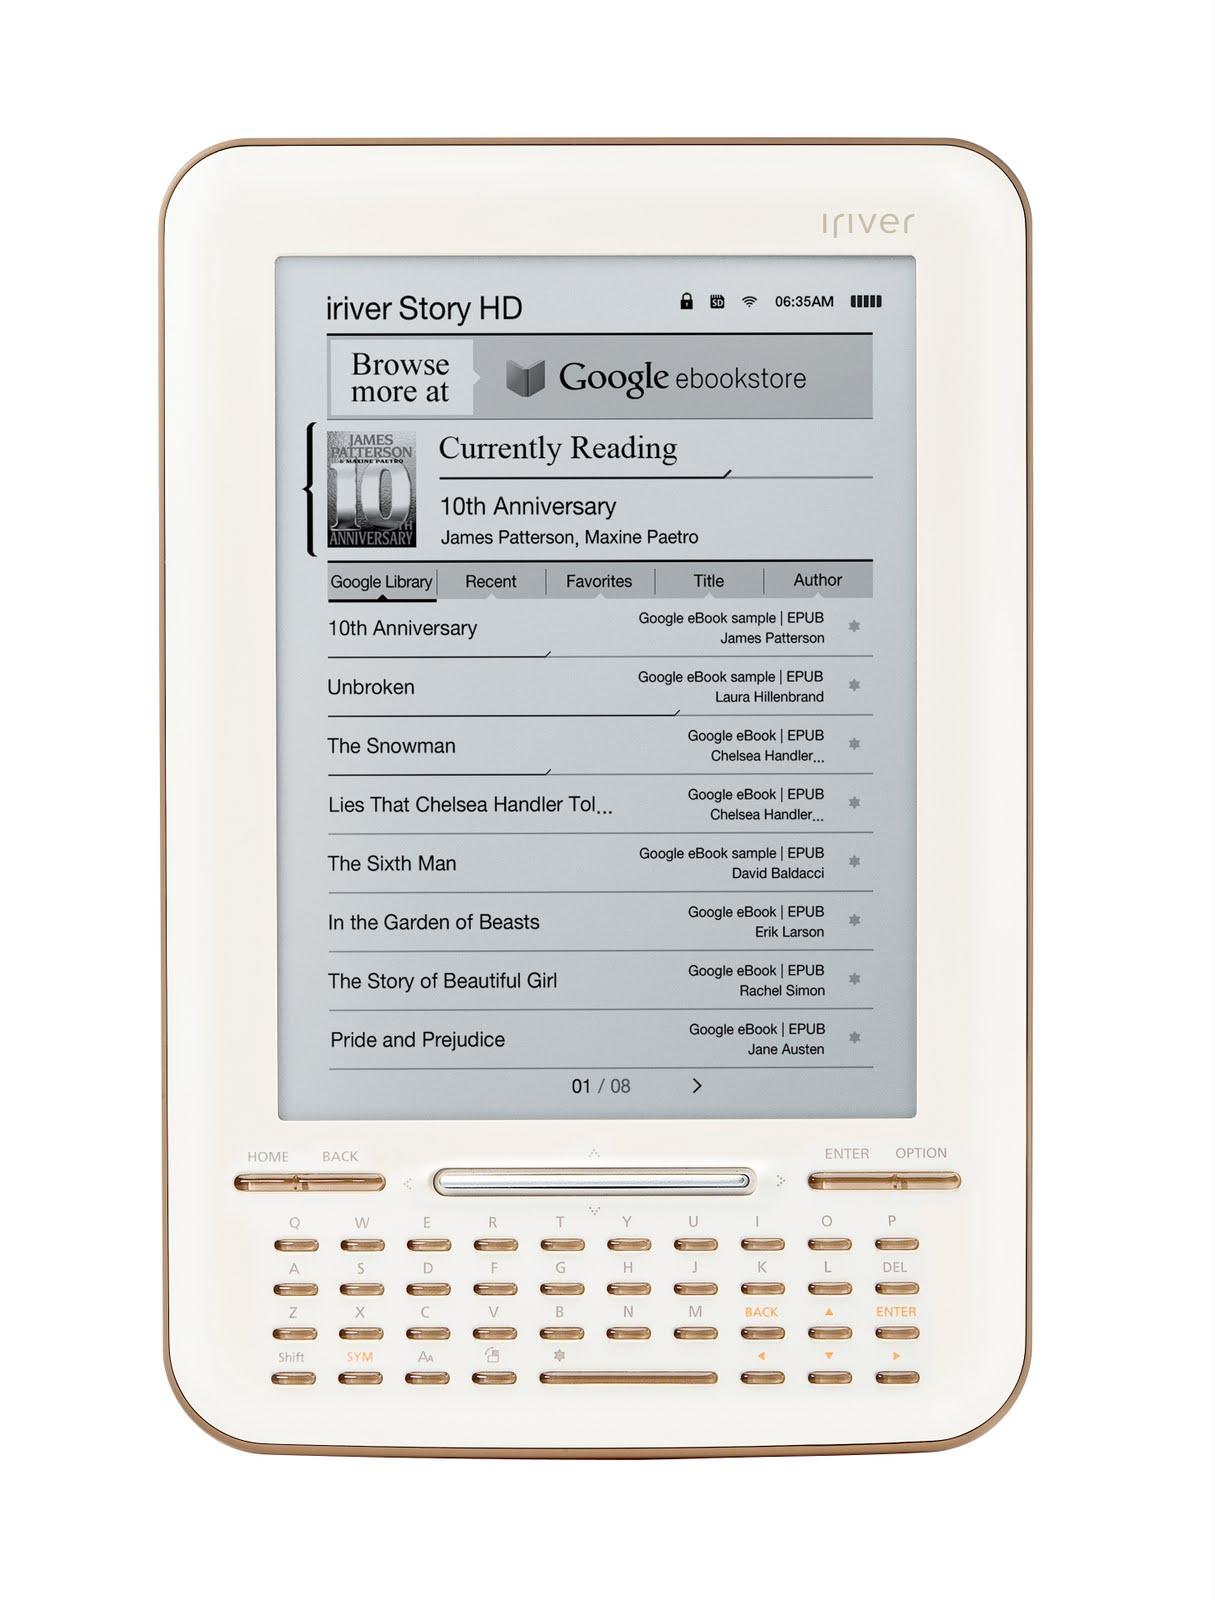 首款整合Google eBook電子書閱讀器問世,將PDF,那麼究竟電子書好不好用呢?使用起來的效果如何?究竟電子書是什麼?哪裡購買的到?這些問題我會一併整理在這一篇告訴你,與第一代Kindle相似 數位時代